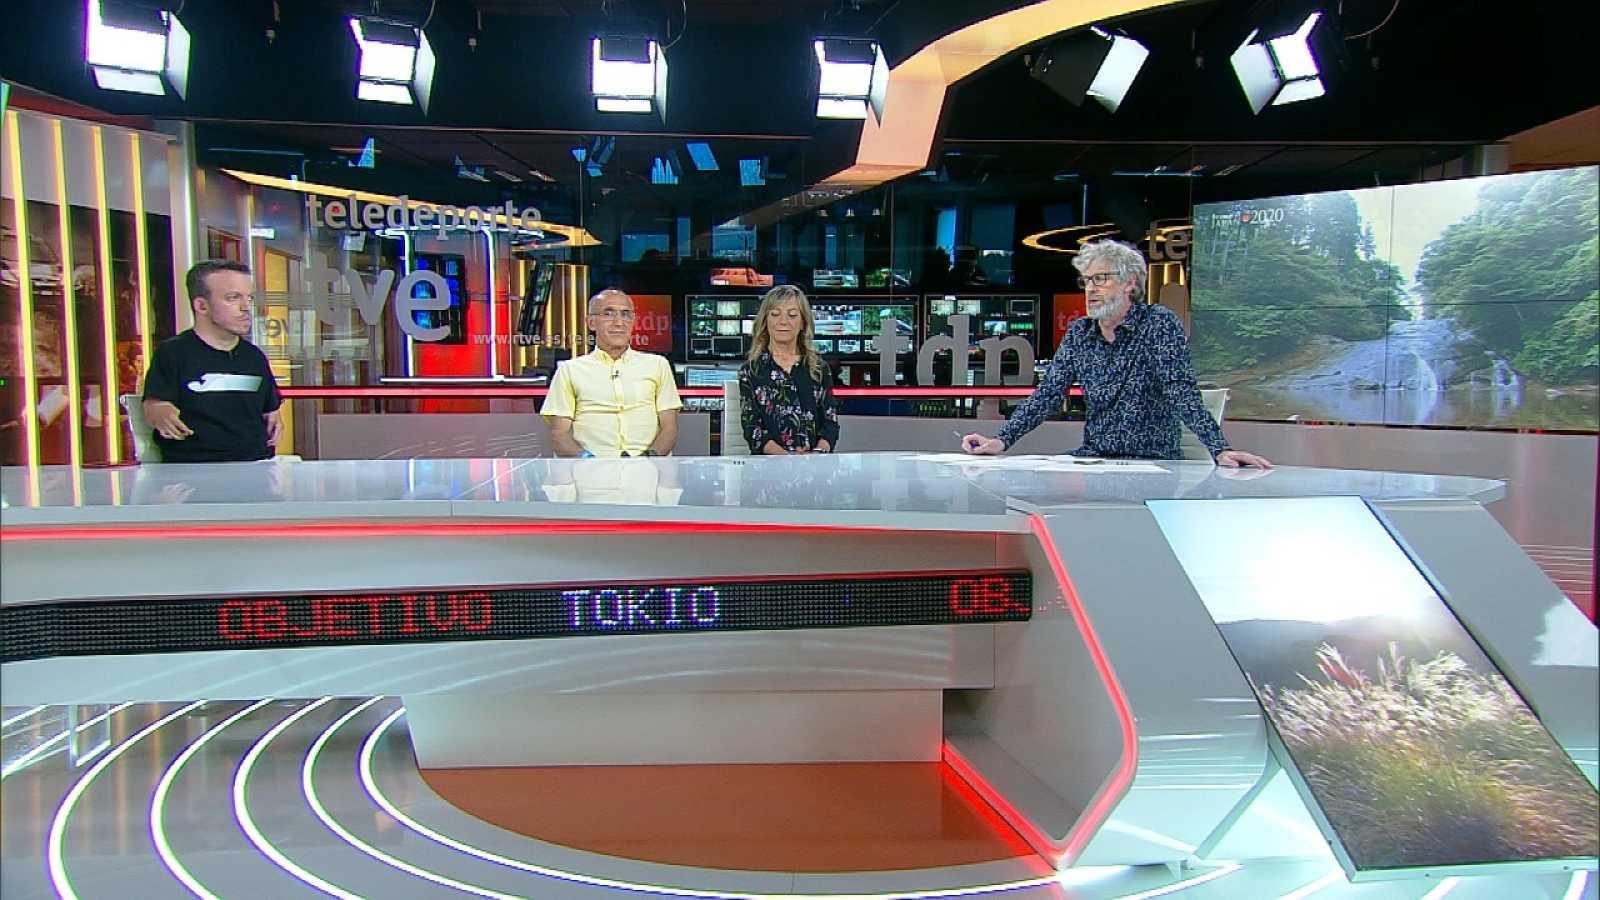 Objetivo Tokio - Programa 157 Paralímpicos: Mari Carmen Paredes, maratoniana, y Lorenzo Sánchez, guía y marido de Mari Carmen - ver ahora